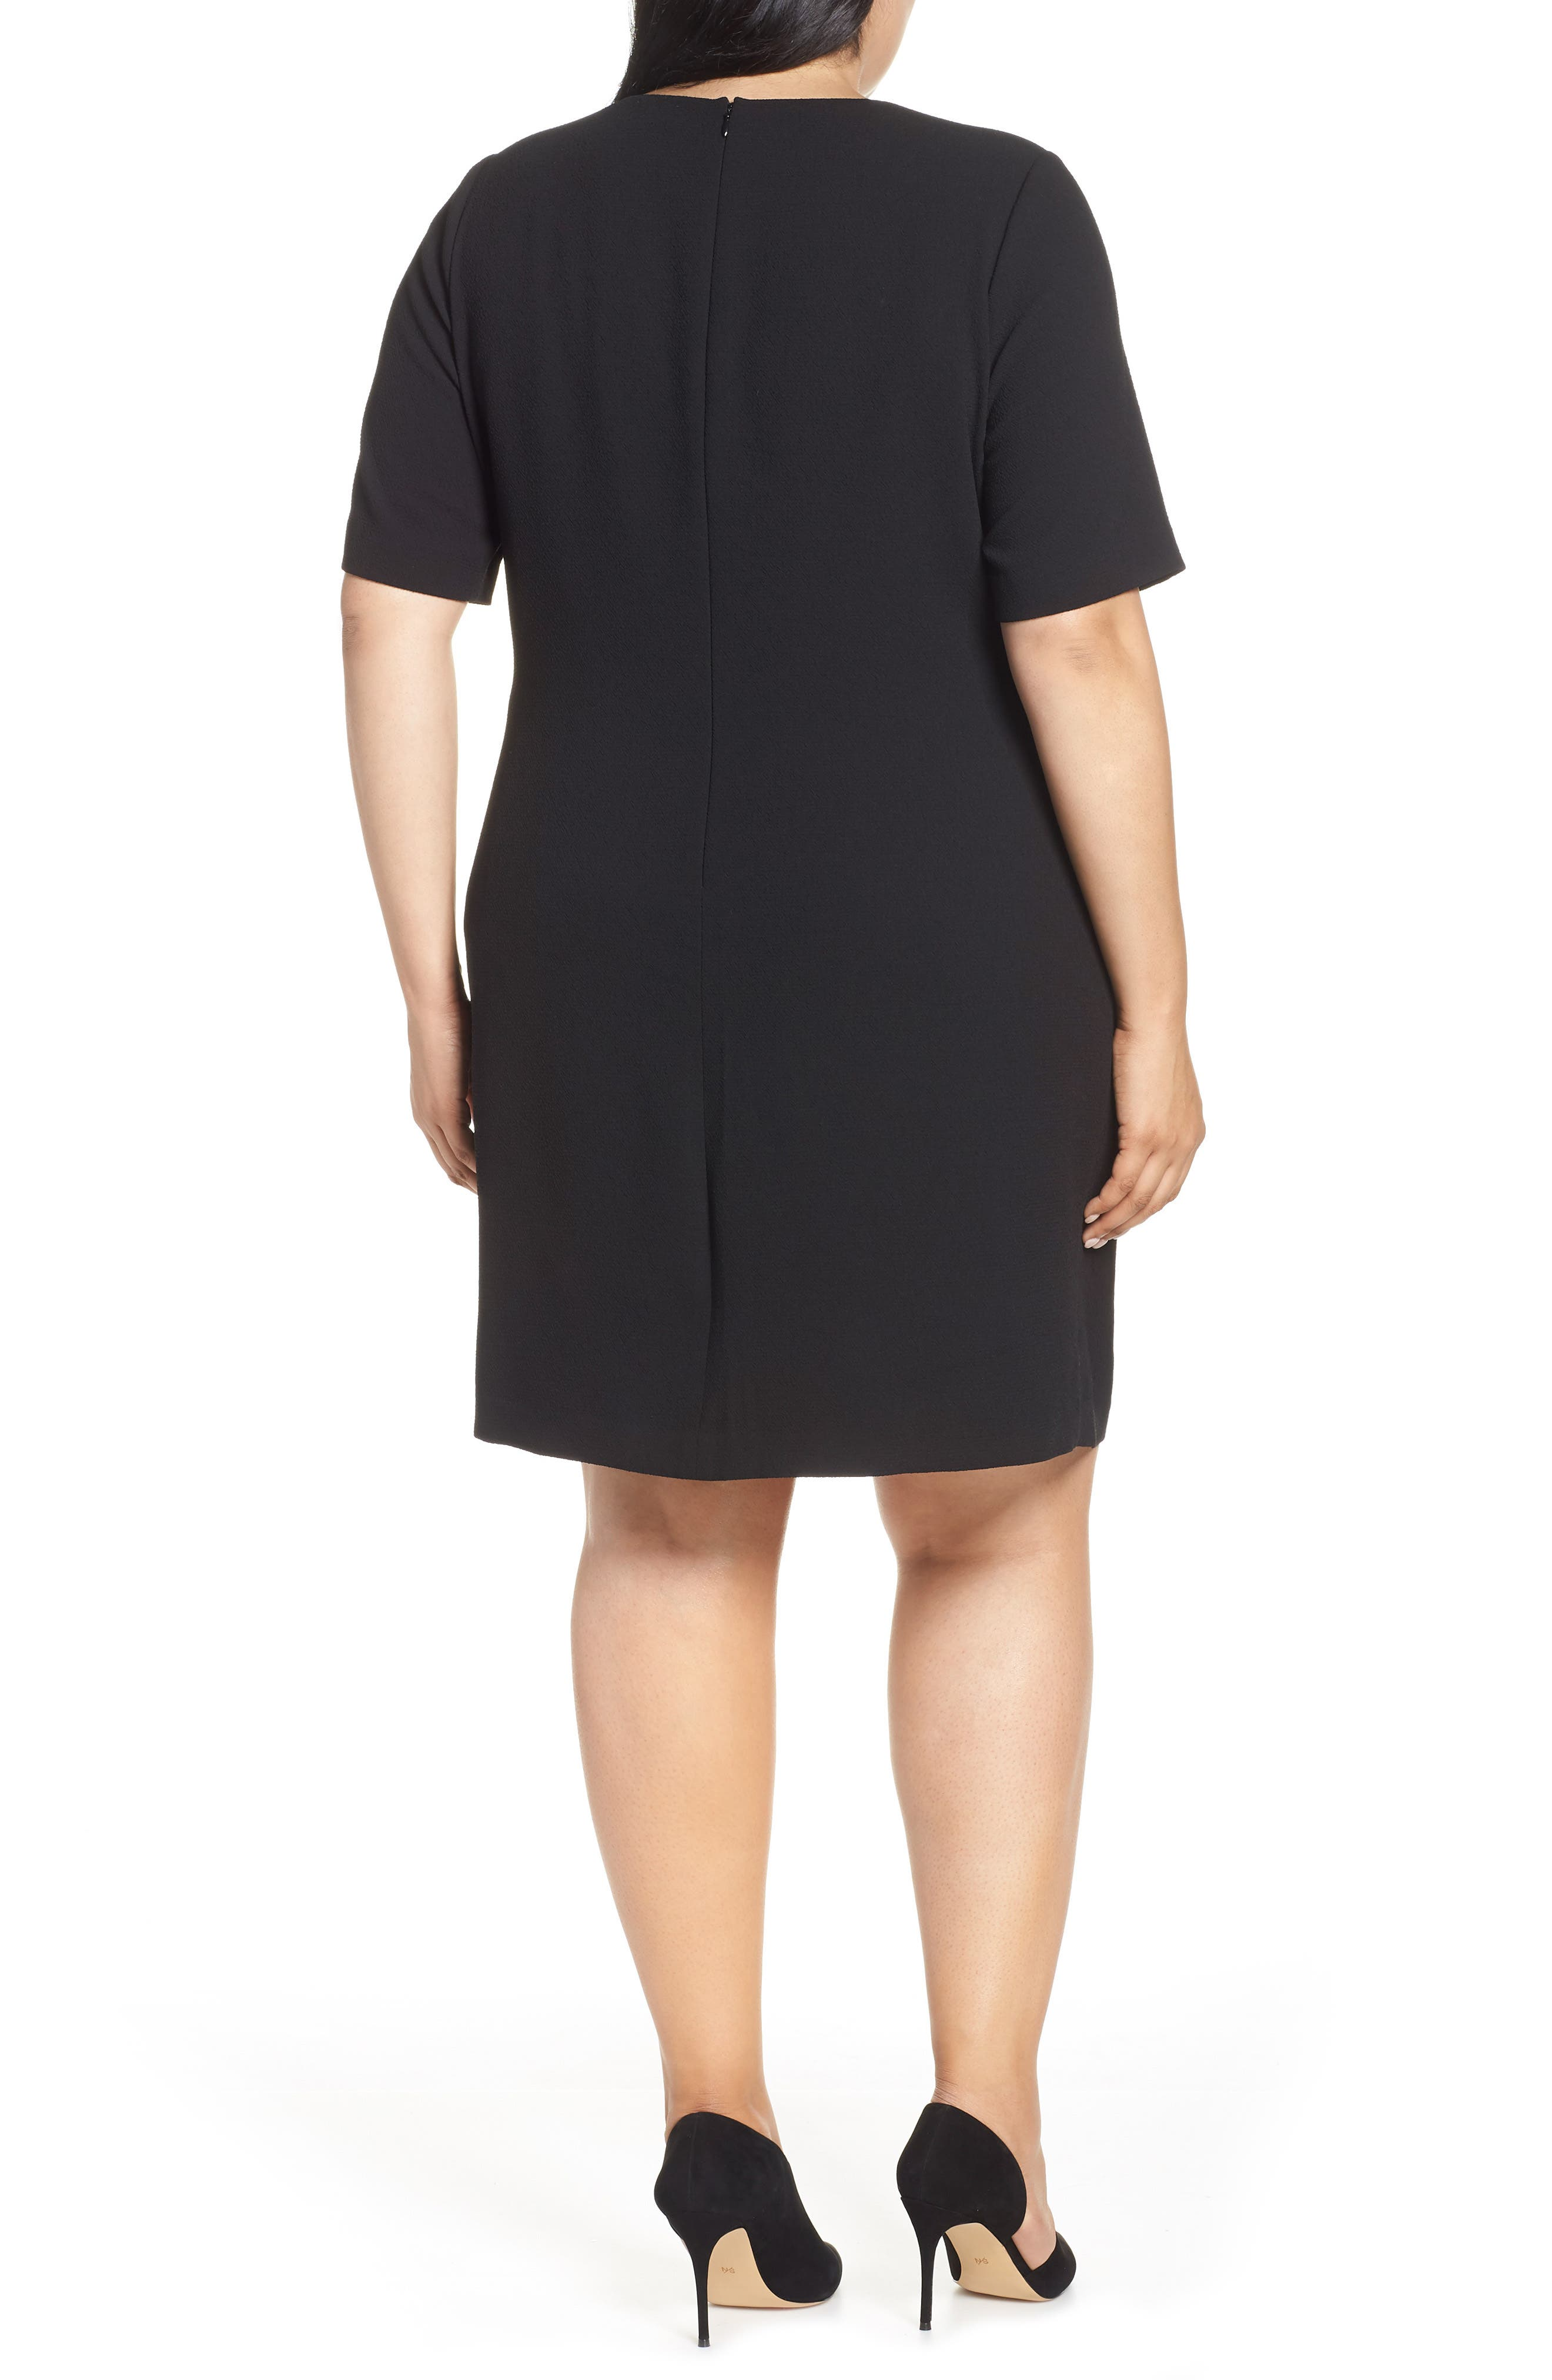 VINCE CAMUTO, Belt Parisian Crepe Dress, Alternate thumbnail 2, color, RICH BLACK